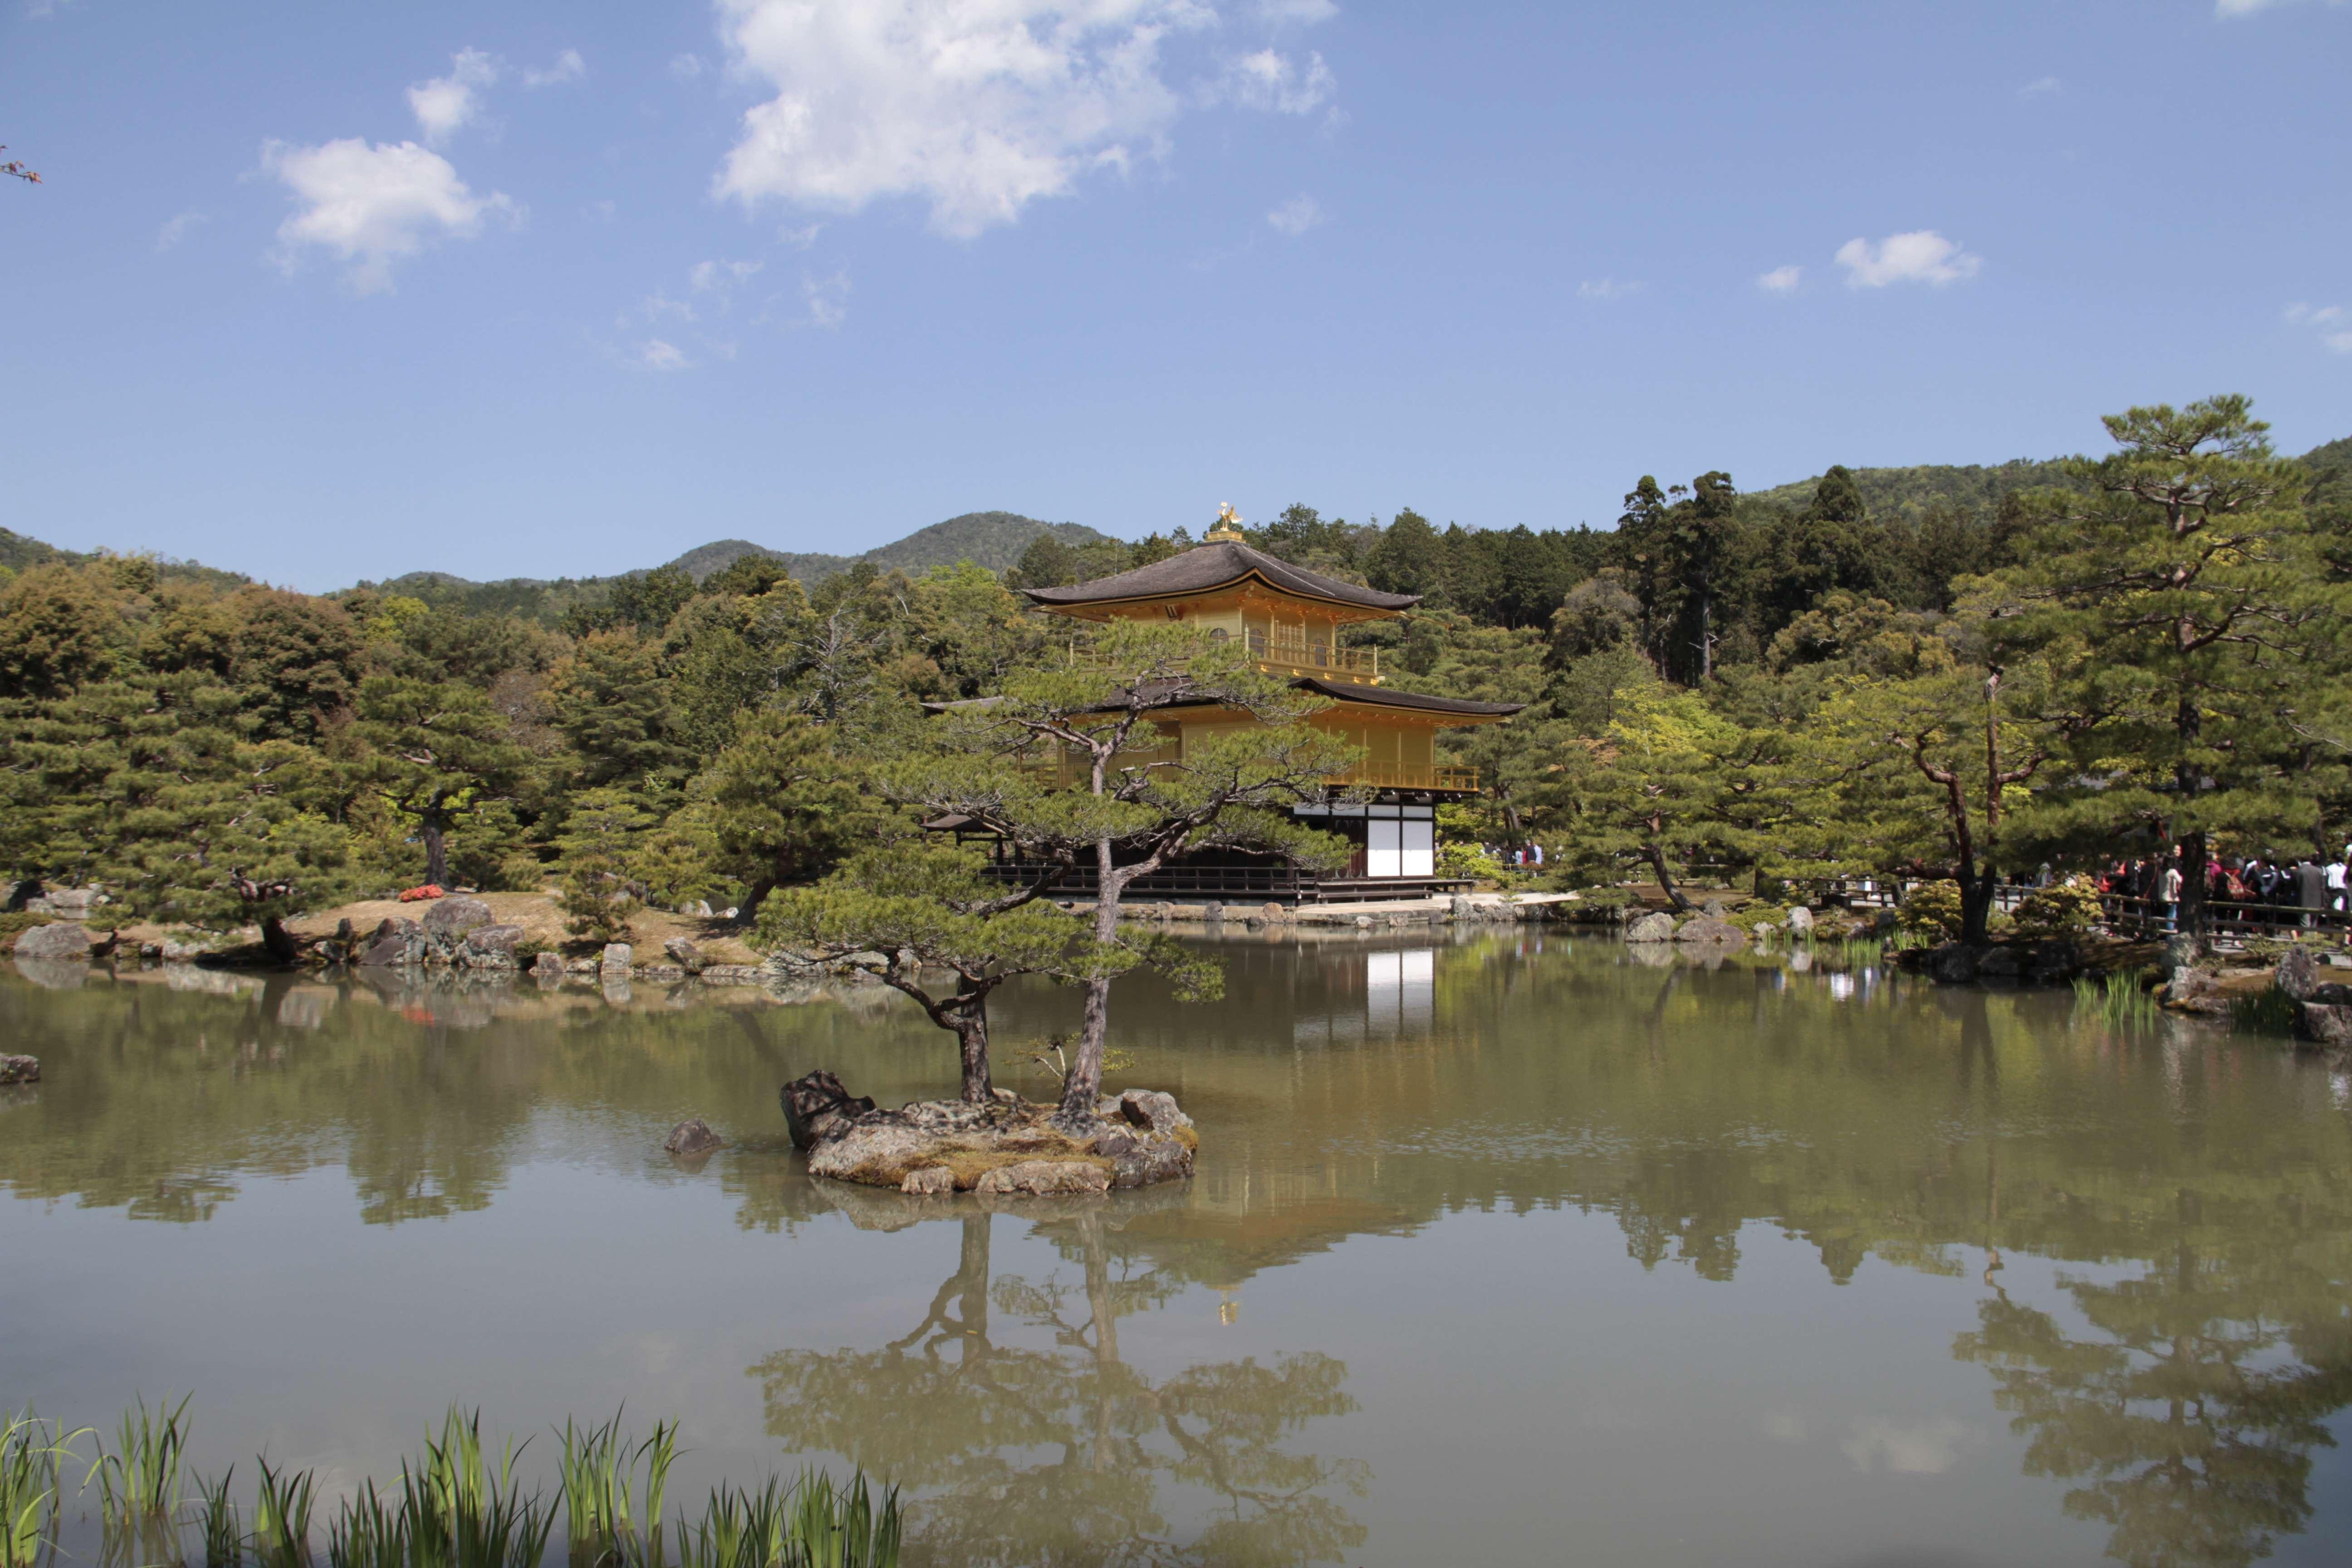 Japon avril 2017_0803 Kyoto Kinkaku Ji dit Pavillon dore